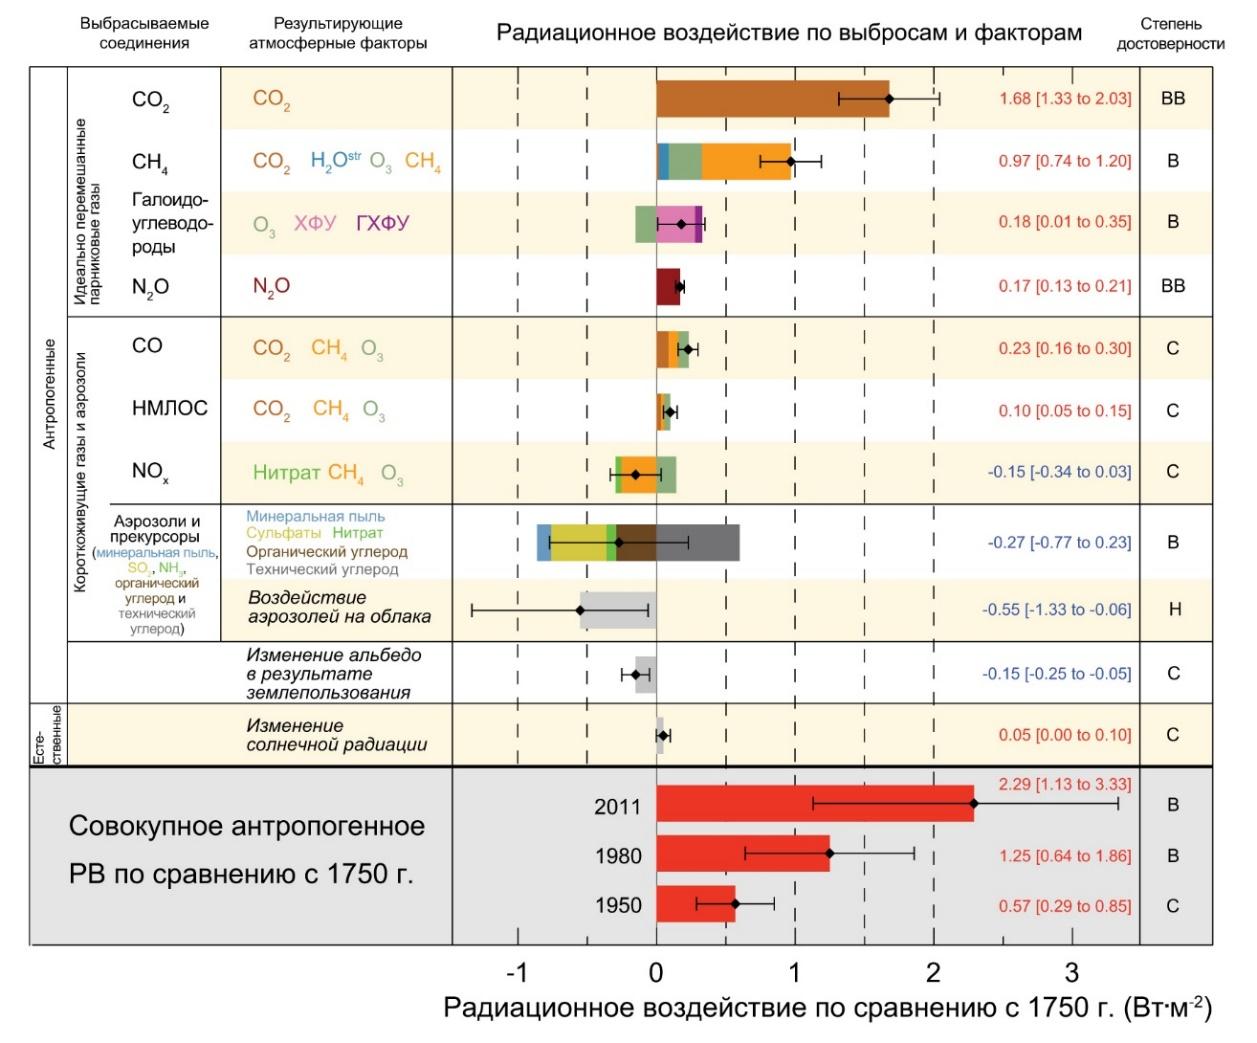 Рис. 2. Оценки радиационного воздействия в 2011 г. по сравнению с 1750 г. и агрегированные неопределенности основных факторов изменения климата. Значения показывают глобальное среднее радиационное воздействие в разбивке по выбрасываемым соединениям или процессам, что дает комбинацию факторов. Наилучшие оценки чистого радиационного воздействия показаны черными ромбами с соответствующими интервалами неопределенности; численные значения приводятся в правой части рисунка, наряду со степенью достоверности чистого воздействия (ВВ – весьма высокая, В – высокая, С – средняя, Н – низкая, ВН – весьма низкая). Воздействие, обусловленное снижением альбедо из-за технического углерода на снегу и льду, включен в «полоску» аэрозолей и технического углерода. Незначительные воздействия от конденсационного следа и второстепенных парниковых газов (в общей сложности 0.08 Вт/м2) не показаны. Вулканическое воздействие не учитывается, поскольку его эпизодический характер затрудняет сравнение с другими механизмами воздействия. Значения совокупного антропогенного радиационного воздействия предоставляются за три разных года в сопоставлении с 1750 г.13[[[13. Заимствовано из работы: Изменение климата, 2014: Смягчение воздействий на изменение климата. Вклад Рабочей группы III в Пятый оценочный доклад Межправительственной группы экспертов по изменению климата / K. Сейбот, A. Адлер, И. Баум и др. (ред.).]]]